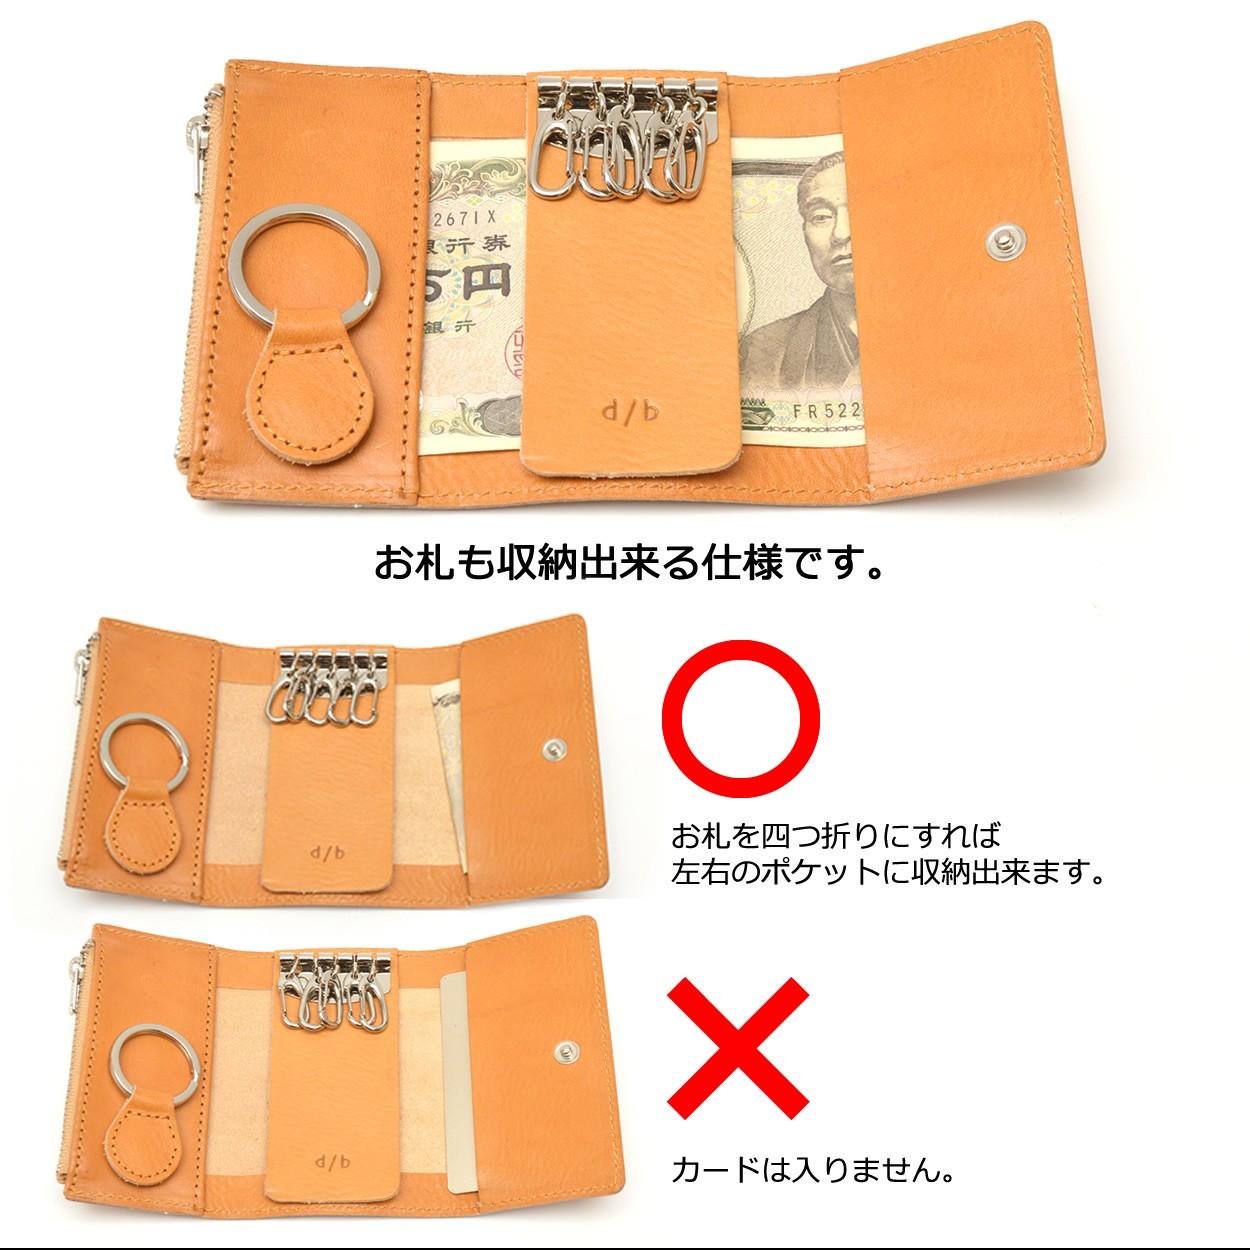 キーケース レディース メンズ スマートキー 革 小銭 コイン お札 DUCT(ダクト) SVV-238